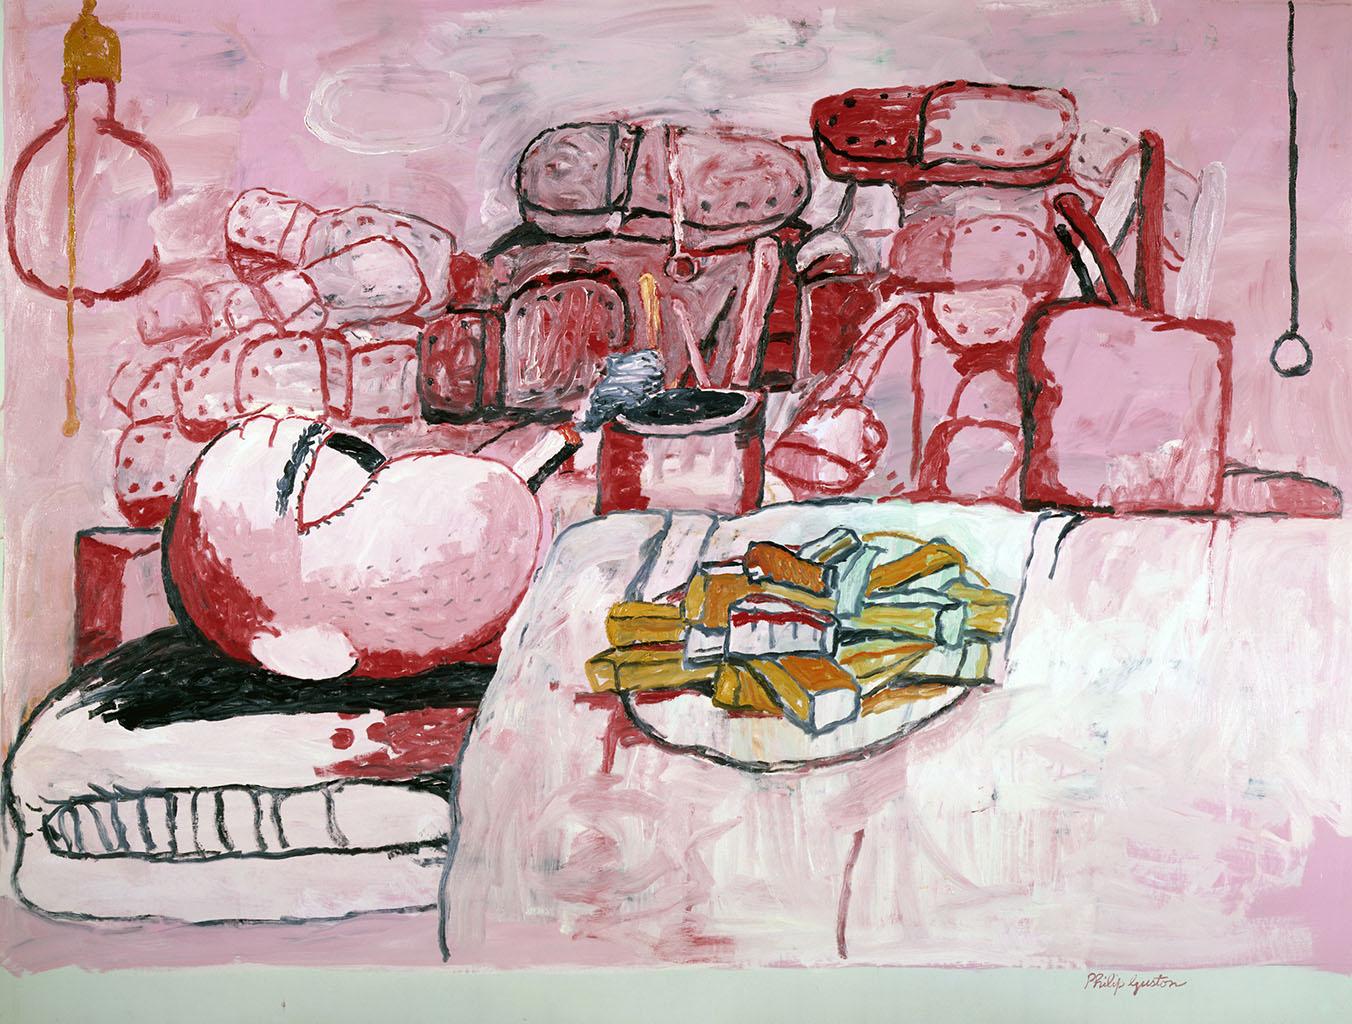 Painting, Smoking, Eating 1973 Philip Guston